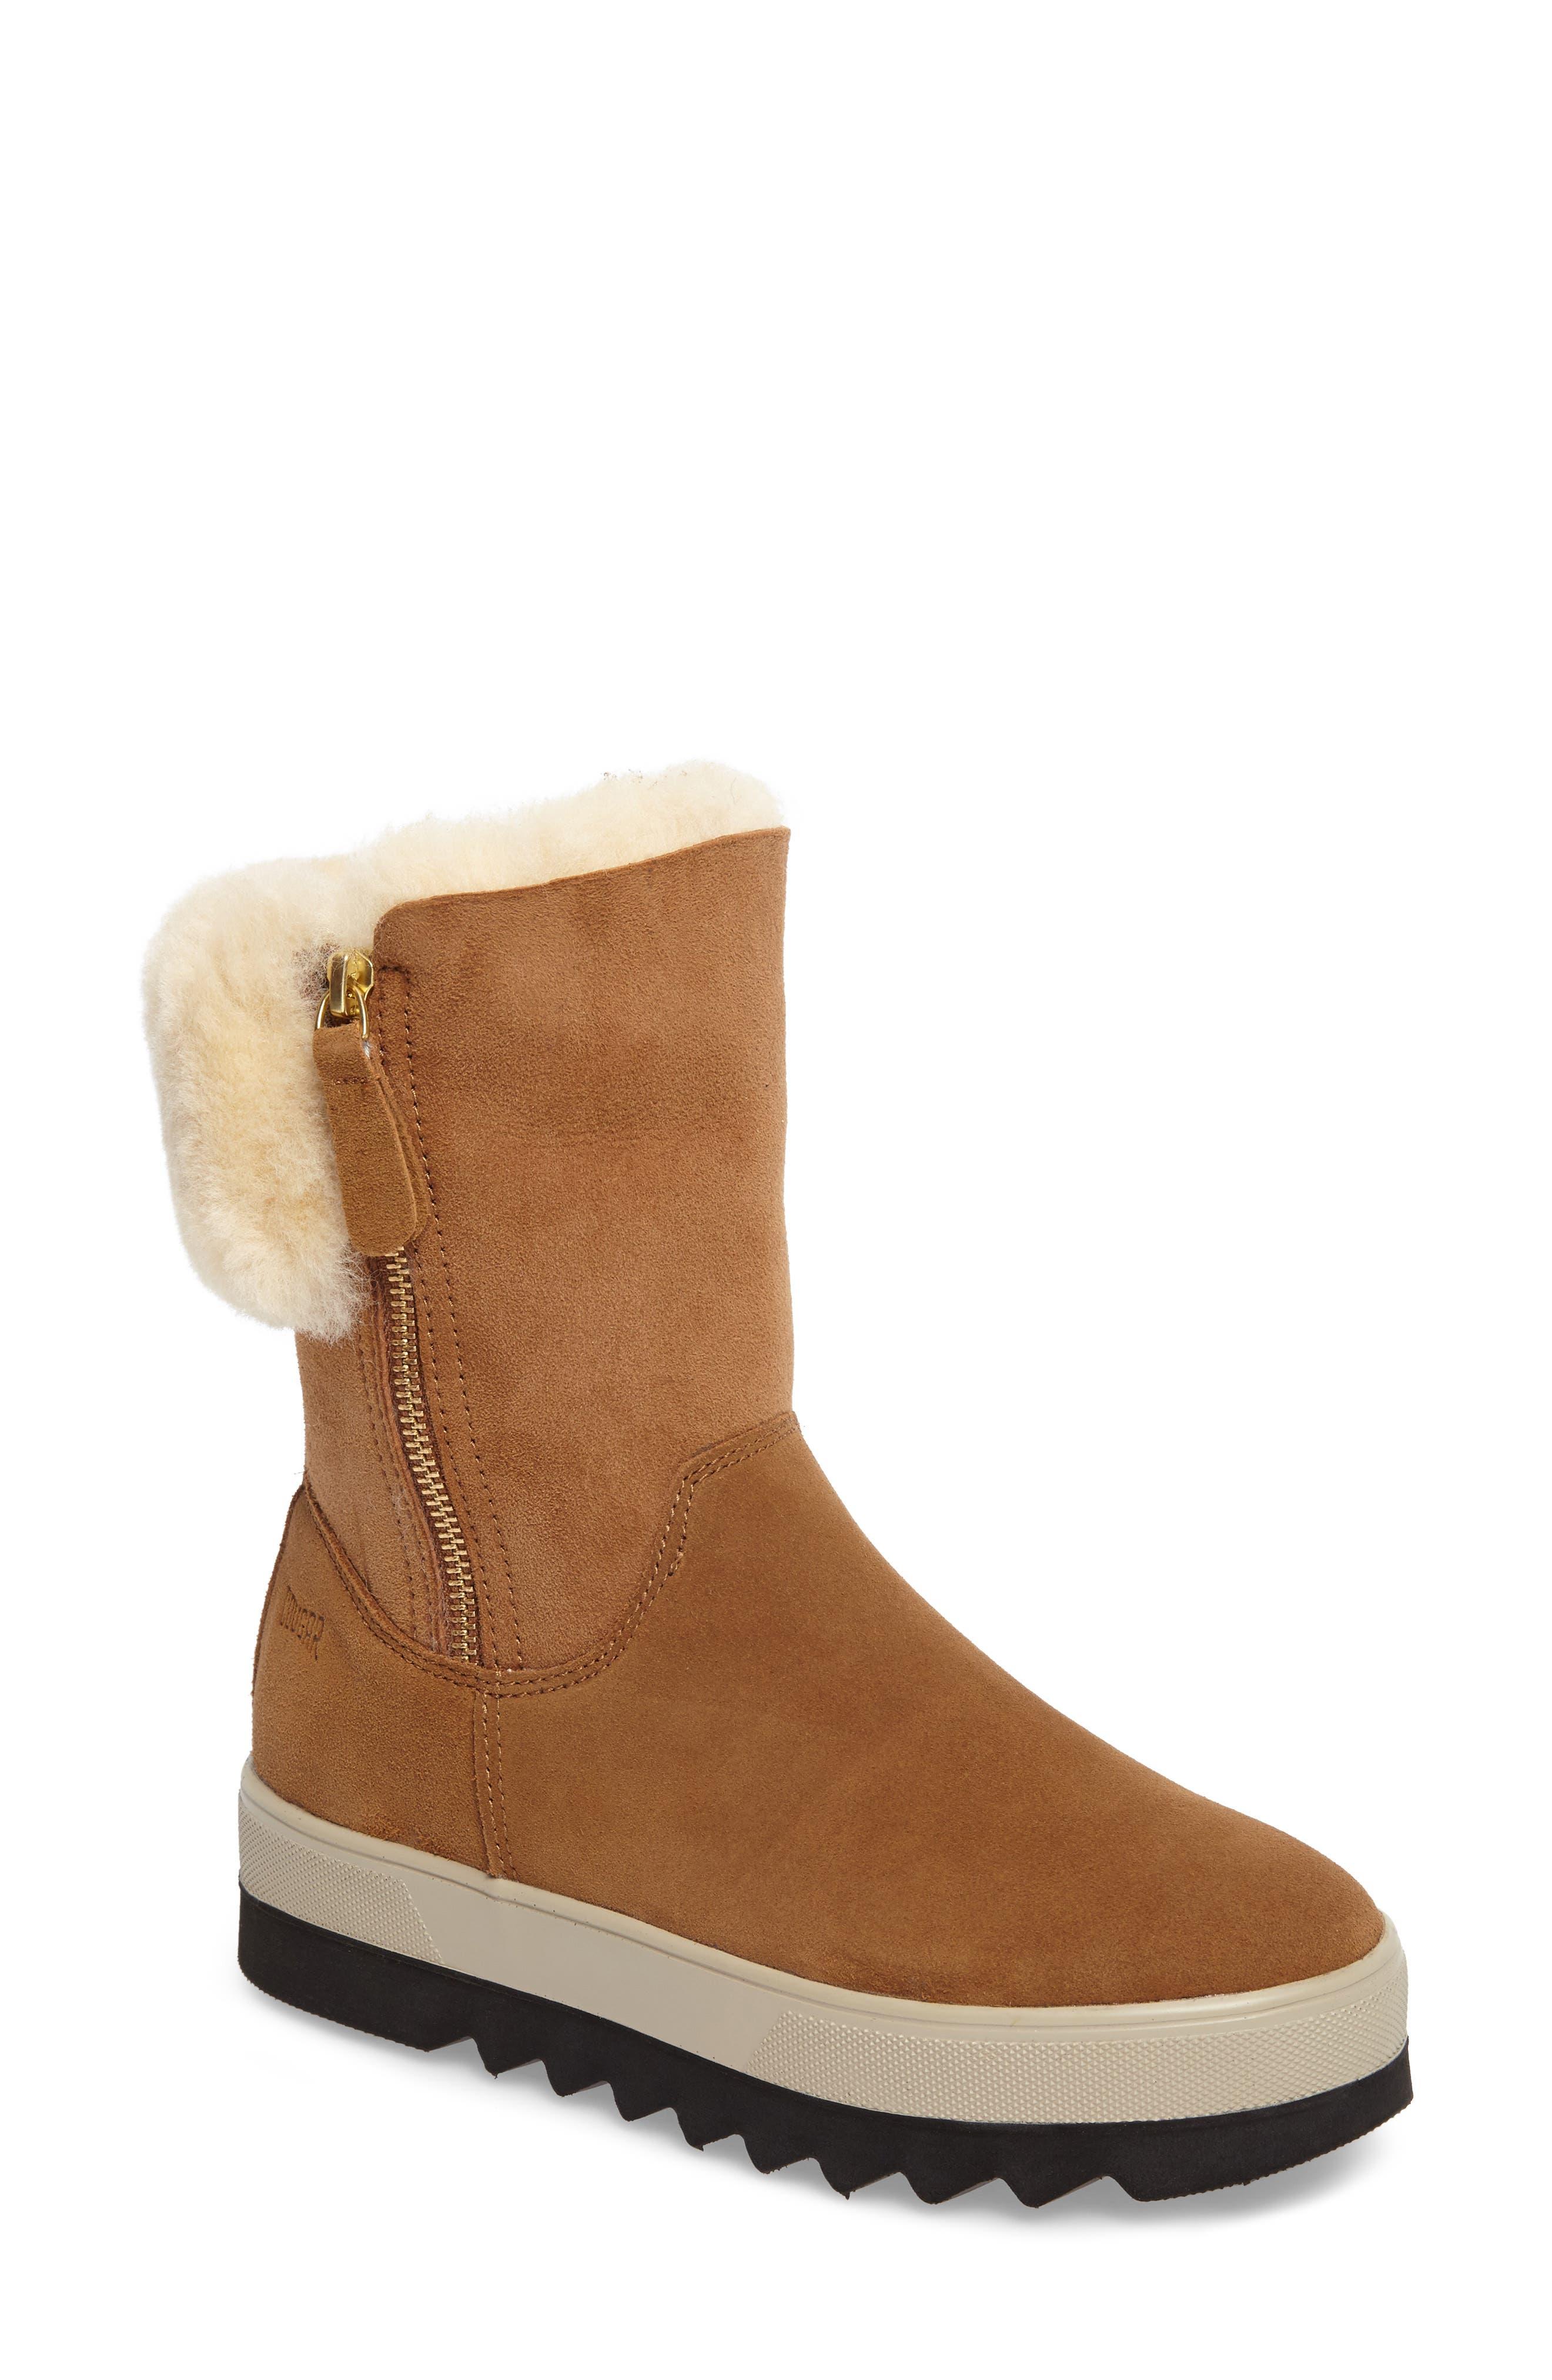 d41f0c673405 Women s Cougar Shoes